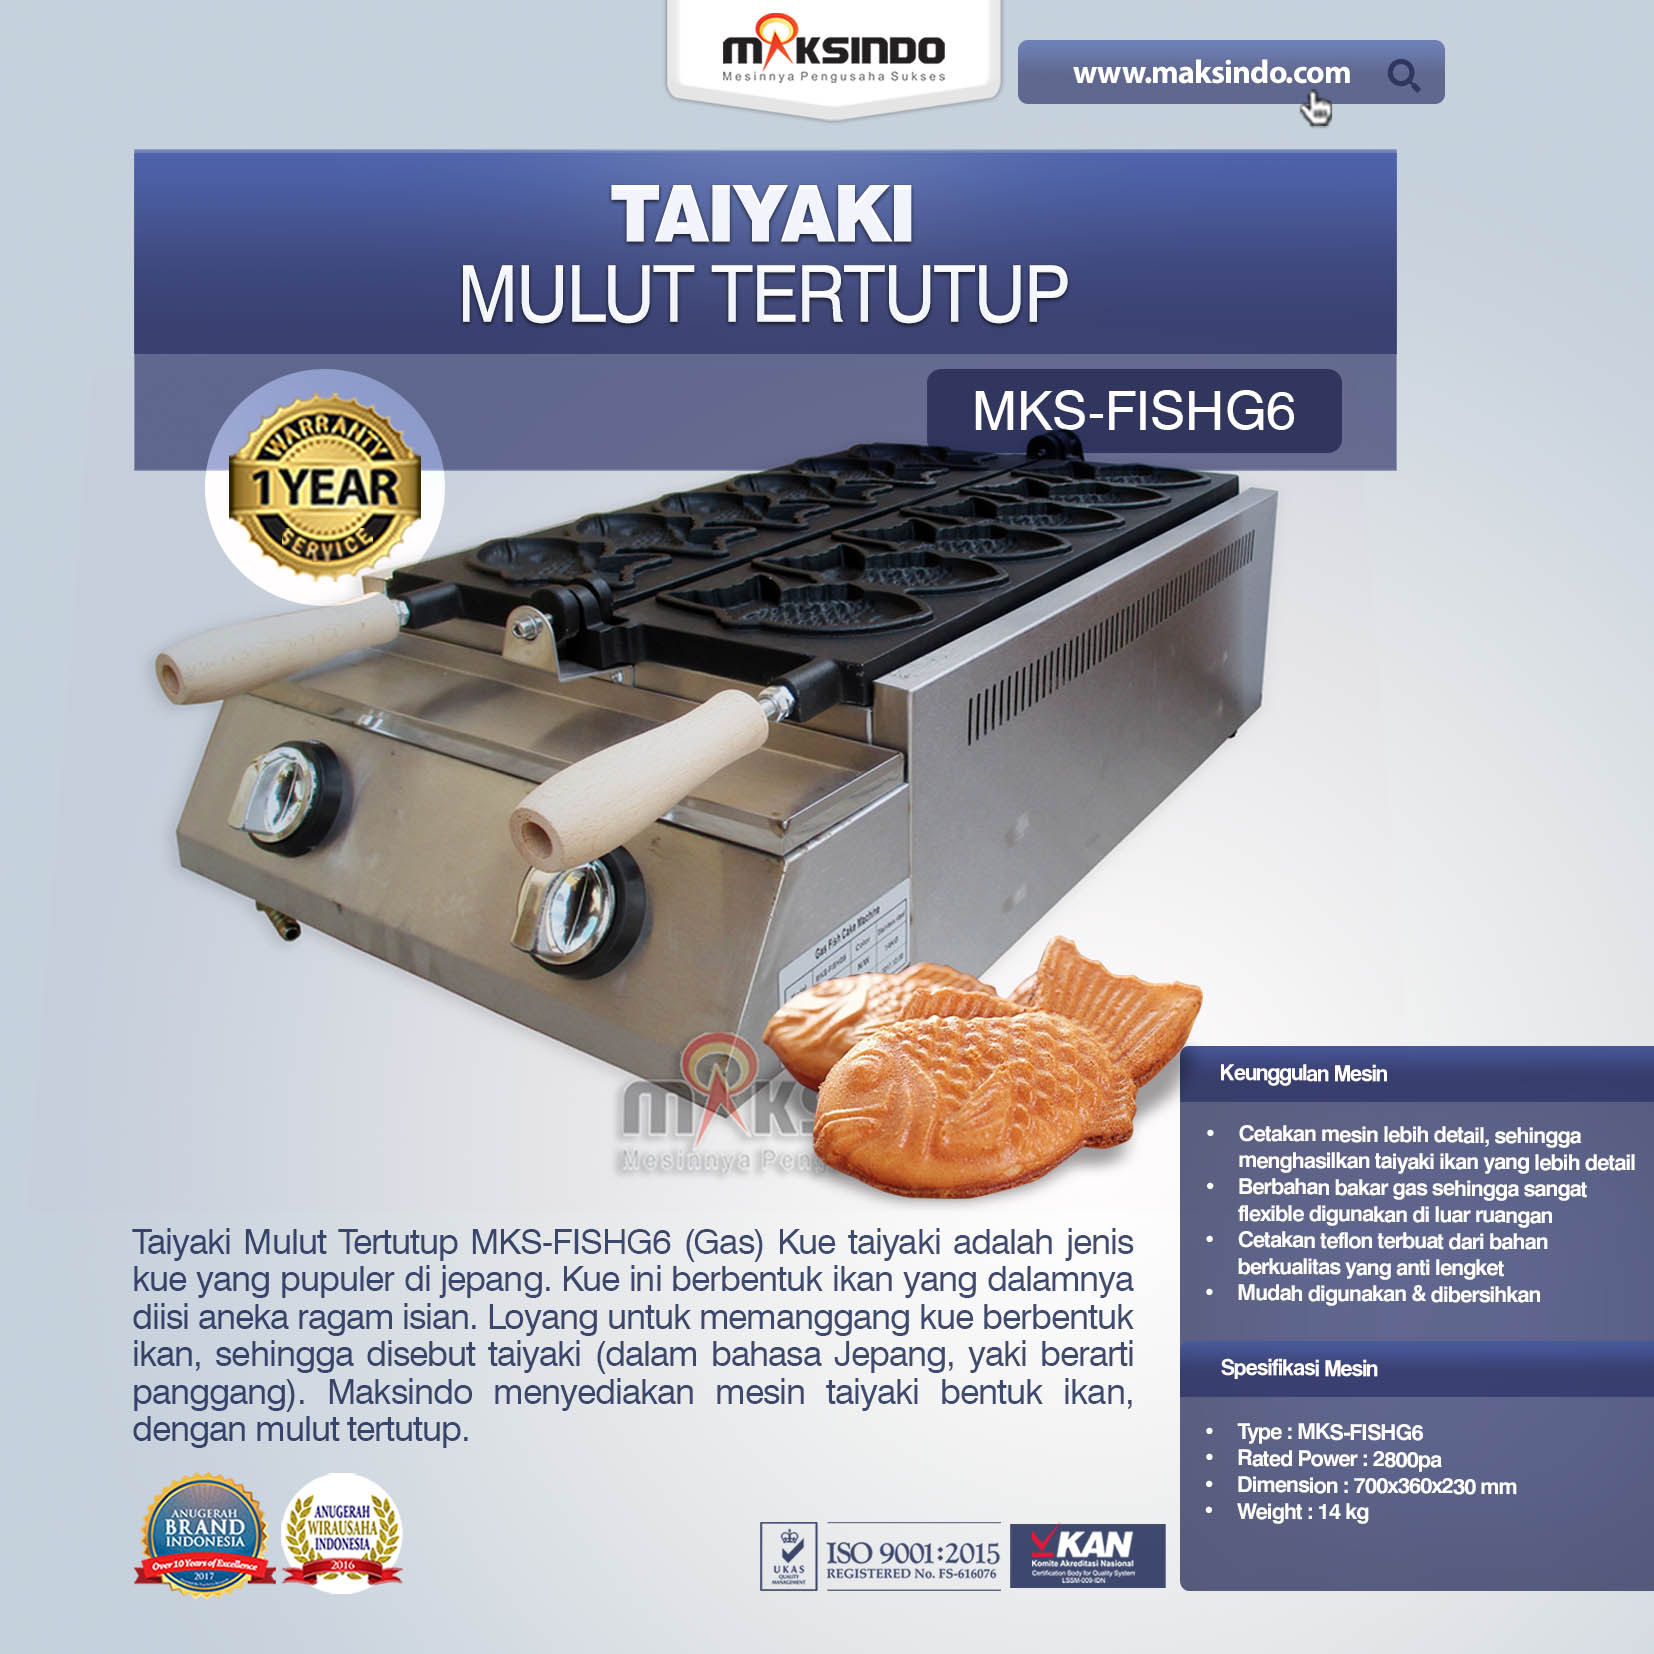 Jual Taiyaki Mulut Tertutup (Gas) MKS-FISHG6 di Bali